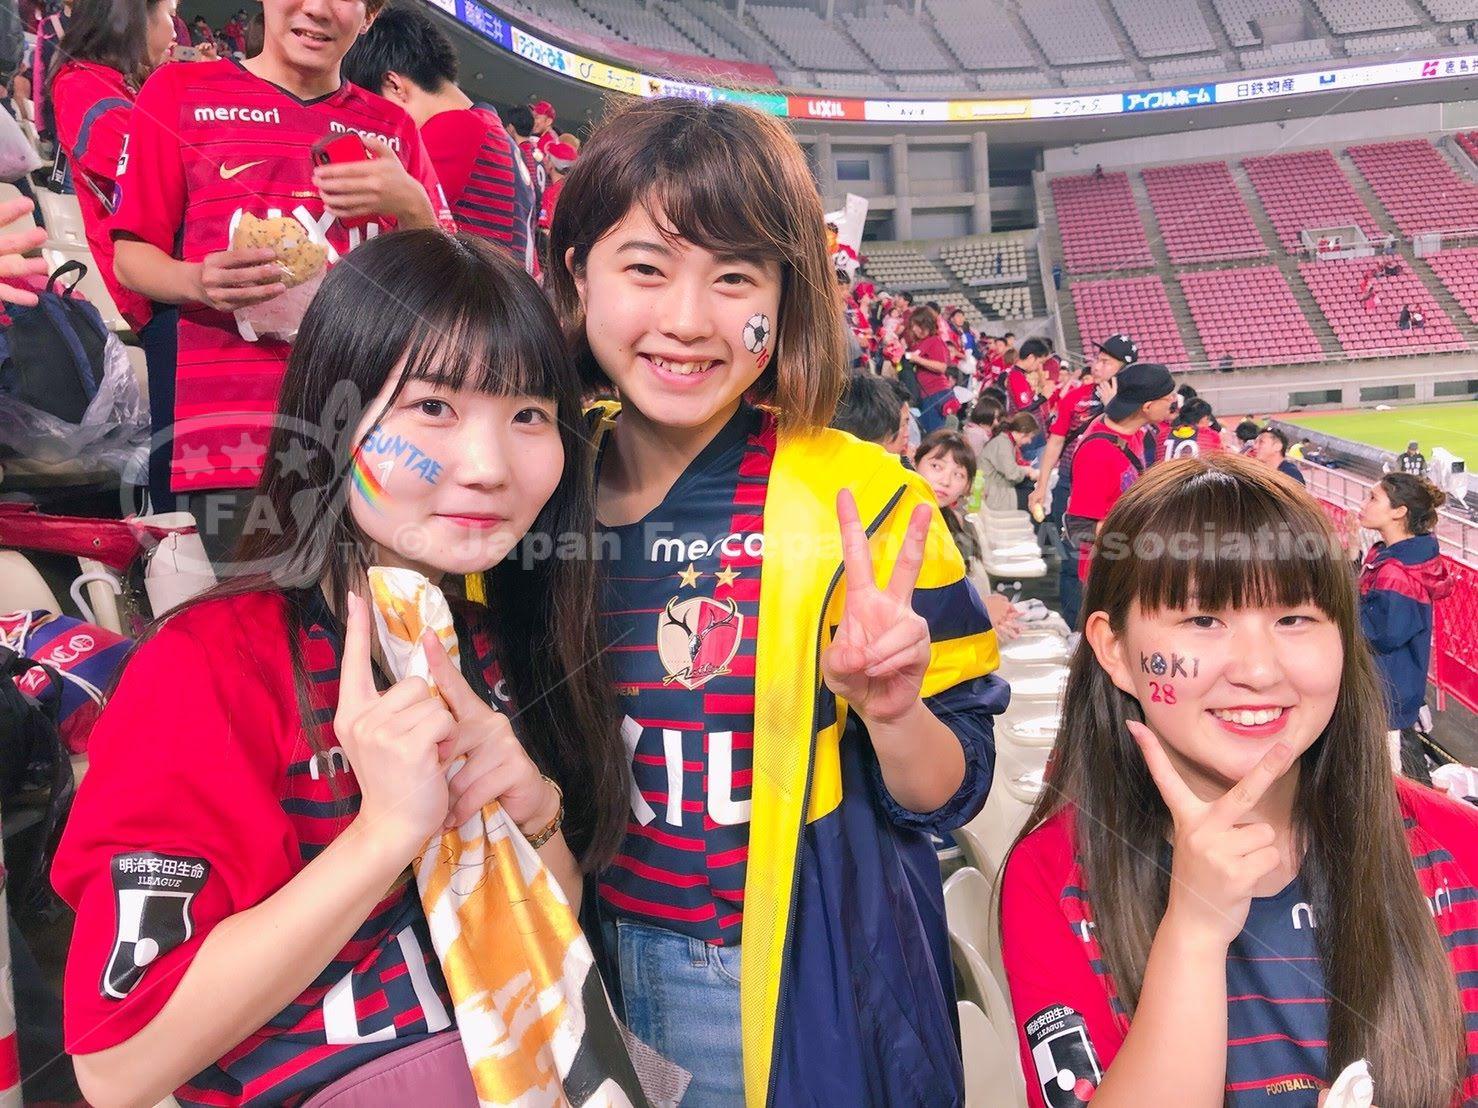 フェイスペイントサポーター_カシマスタジアム_鹿島アントラーズの画像